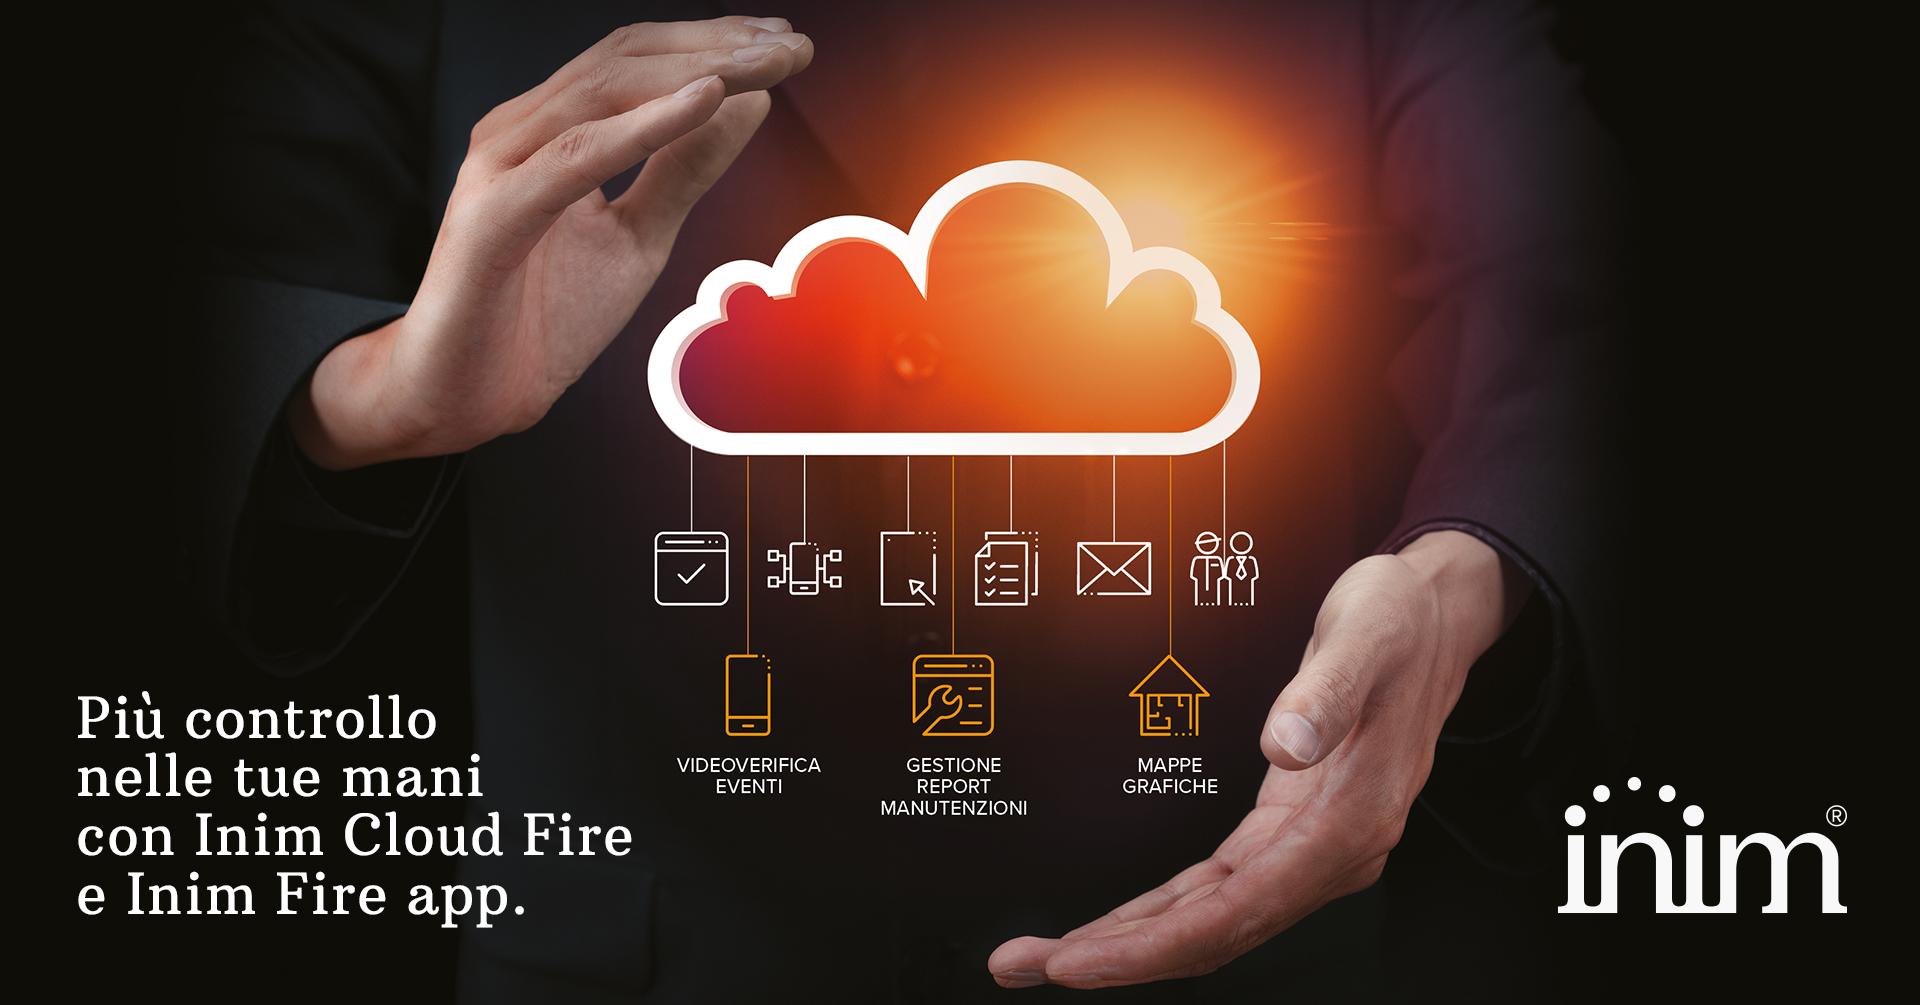 Più controllo nelle tue mani con Inim Cloud Fire e Inim Fire App